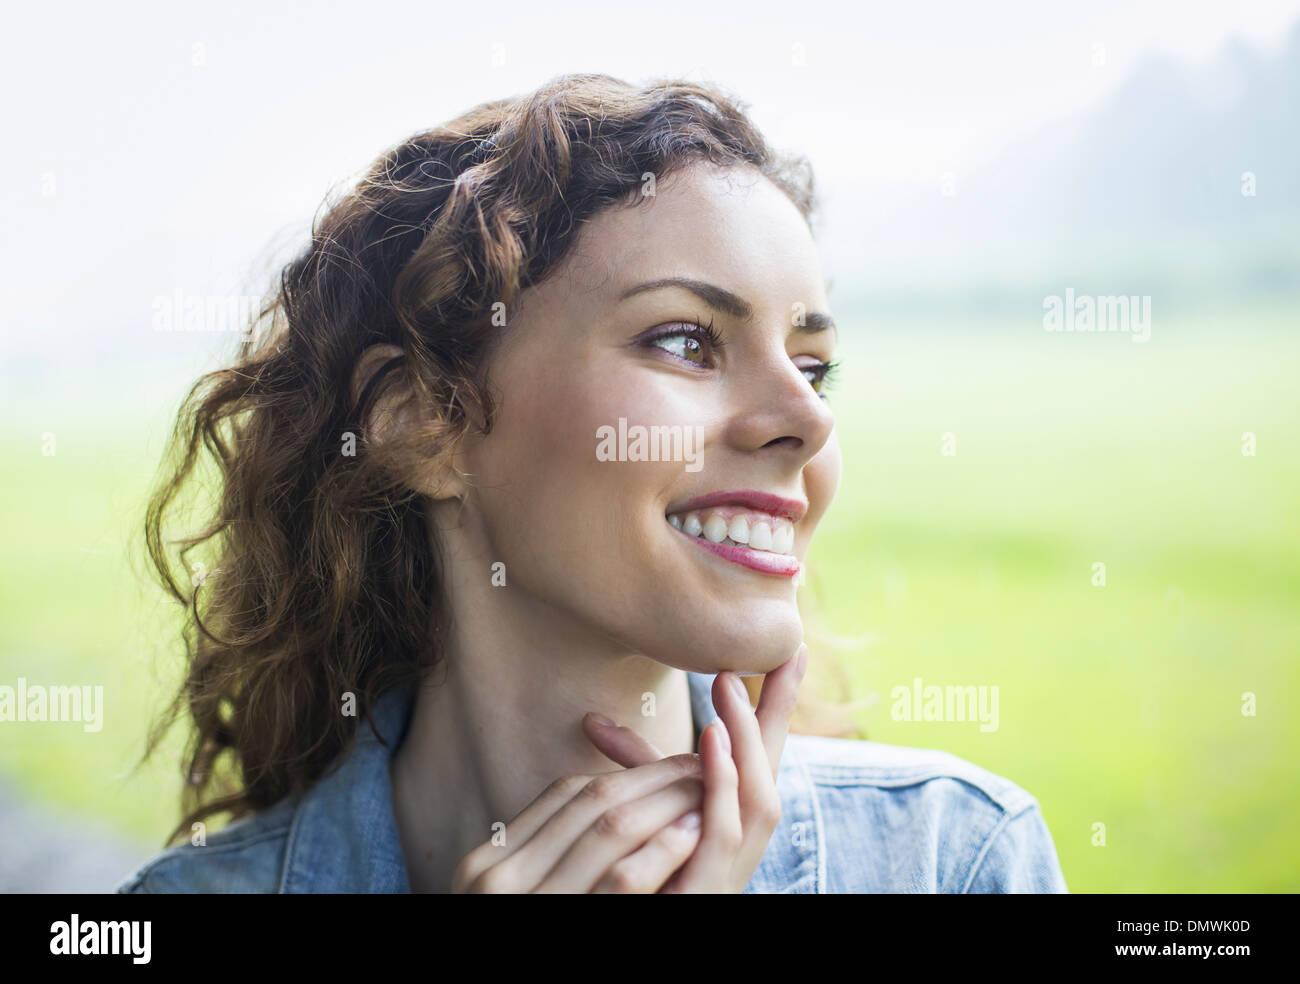 Eine junge Frau in einer ländlichen Landschaft mit vom Wind verwehten lockiges Haar. Weg schauen in Ferne. Stockbild